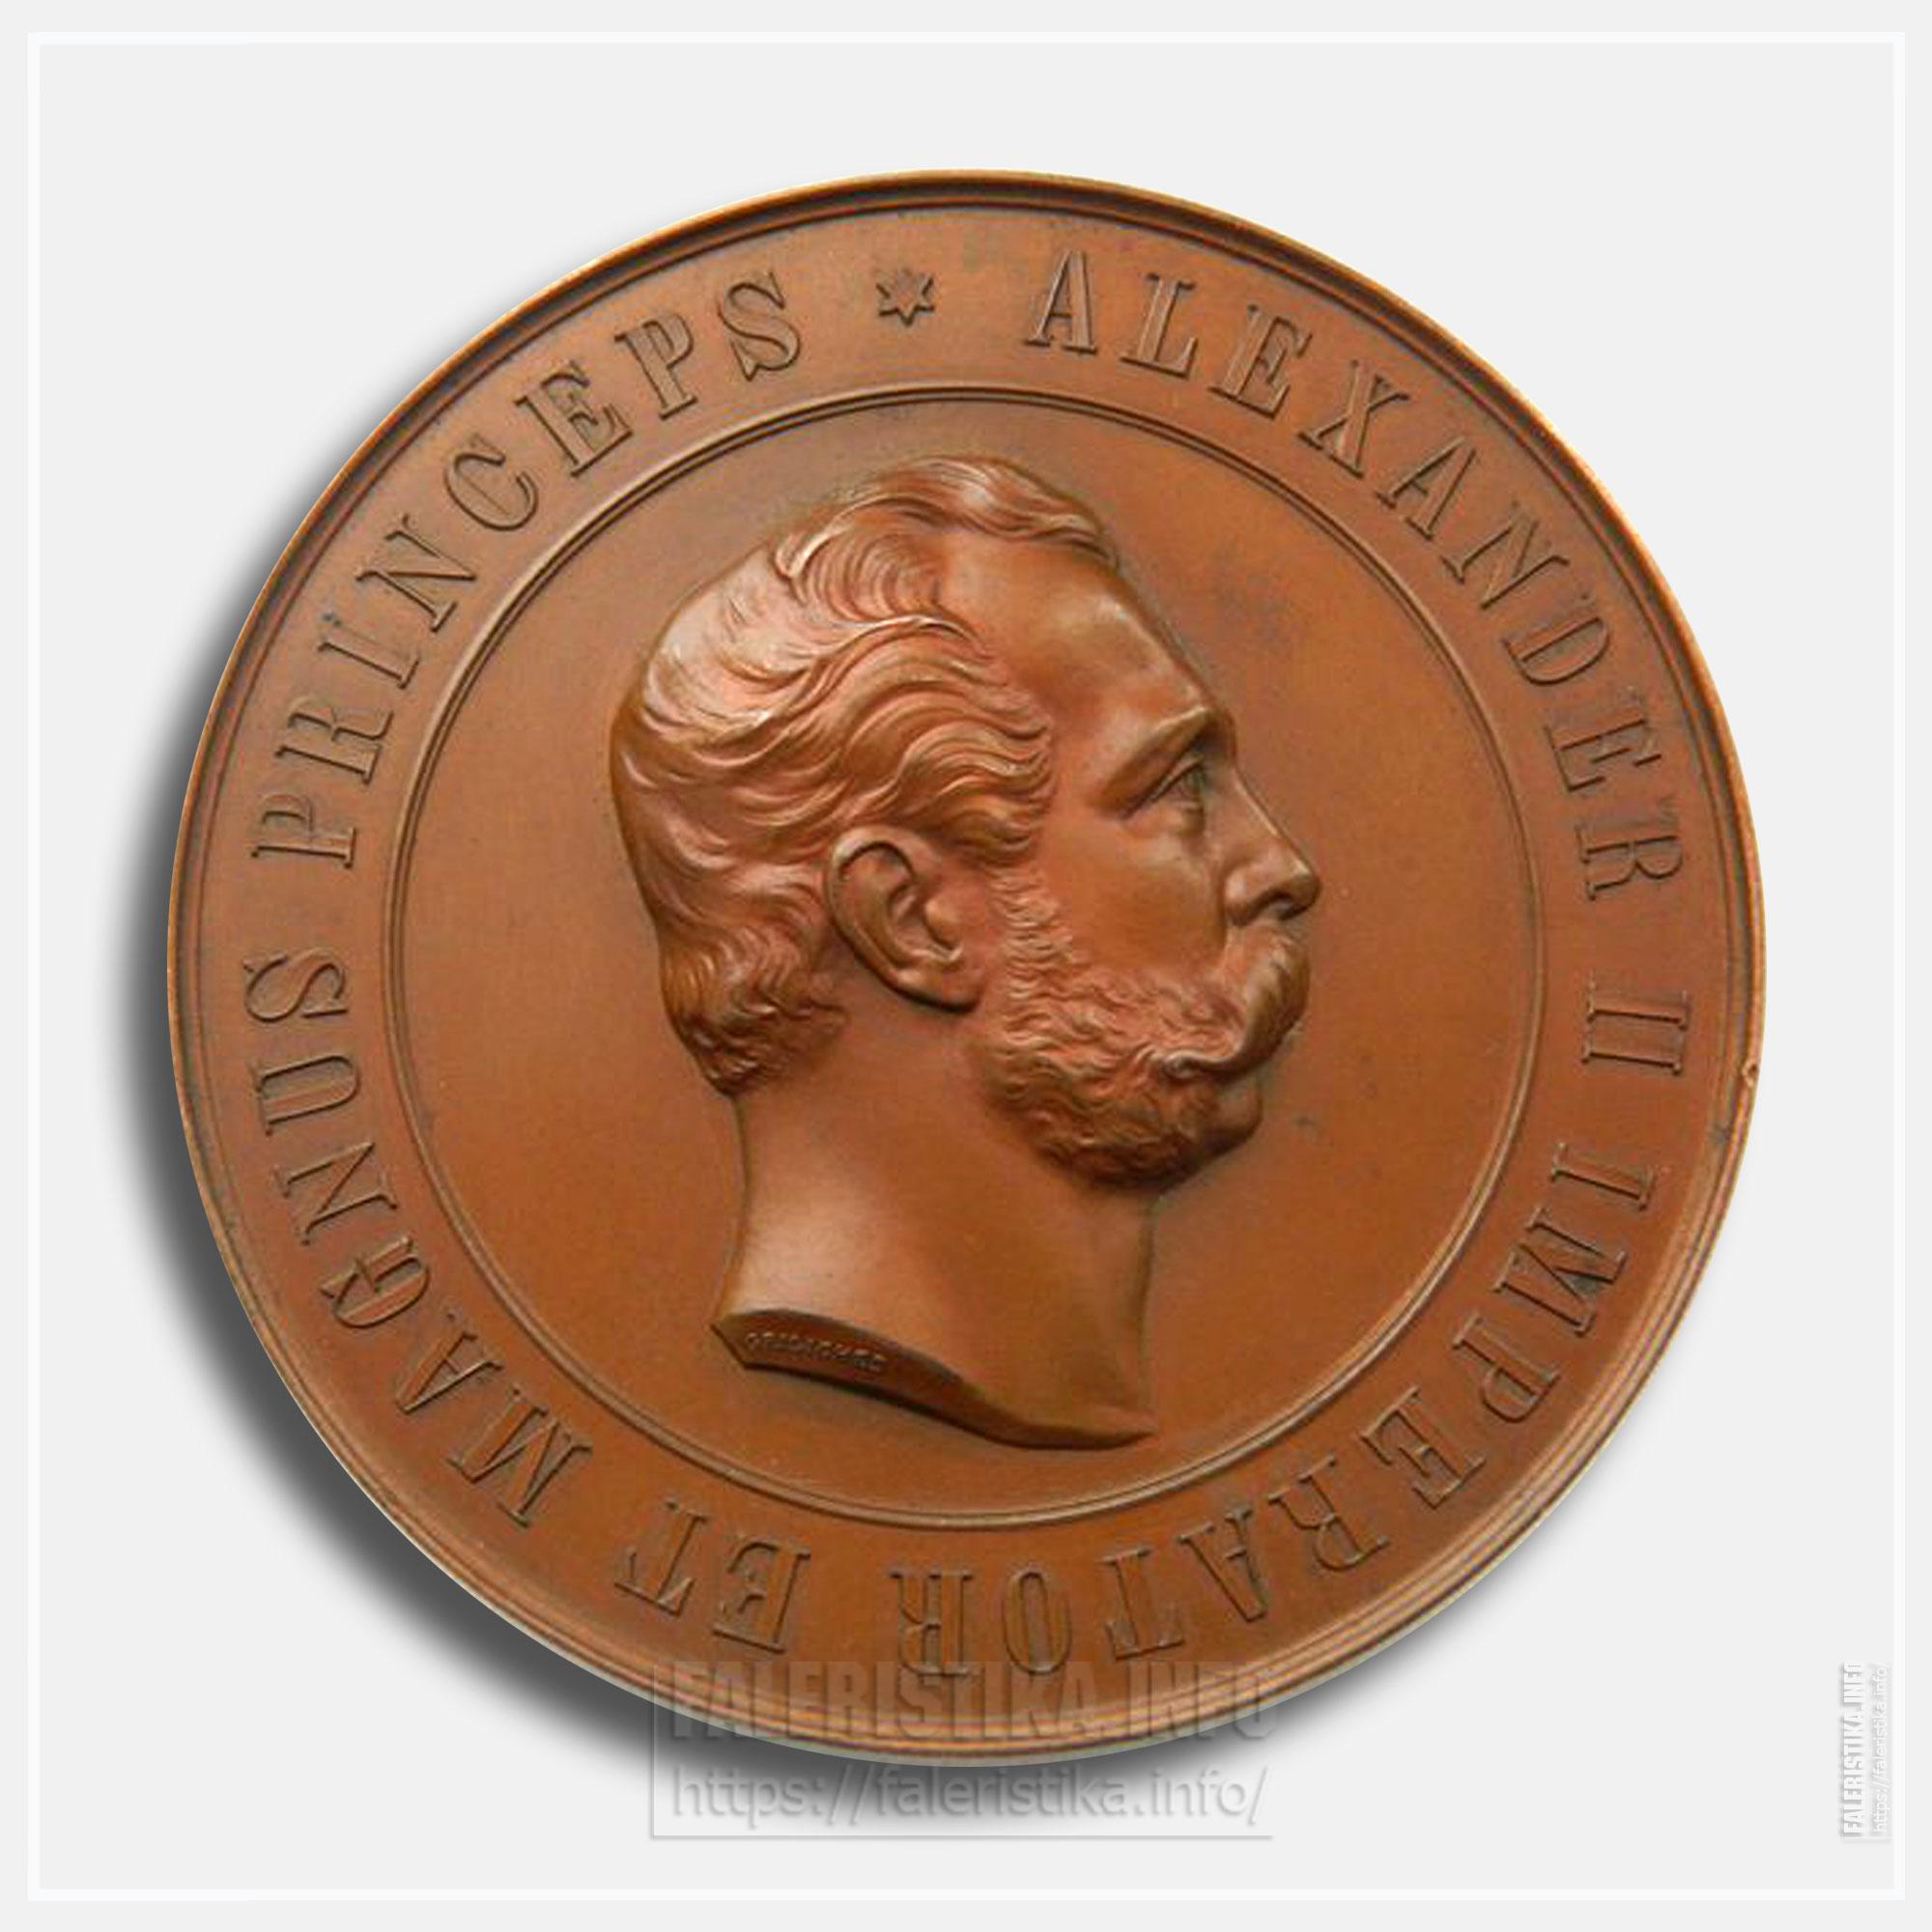 Медаль в память открытия памятника Императору Александру II в Гельсингфорсе (Хельсинки). Аверс